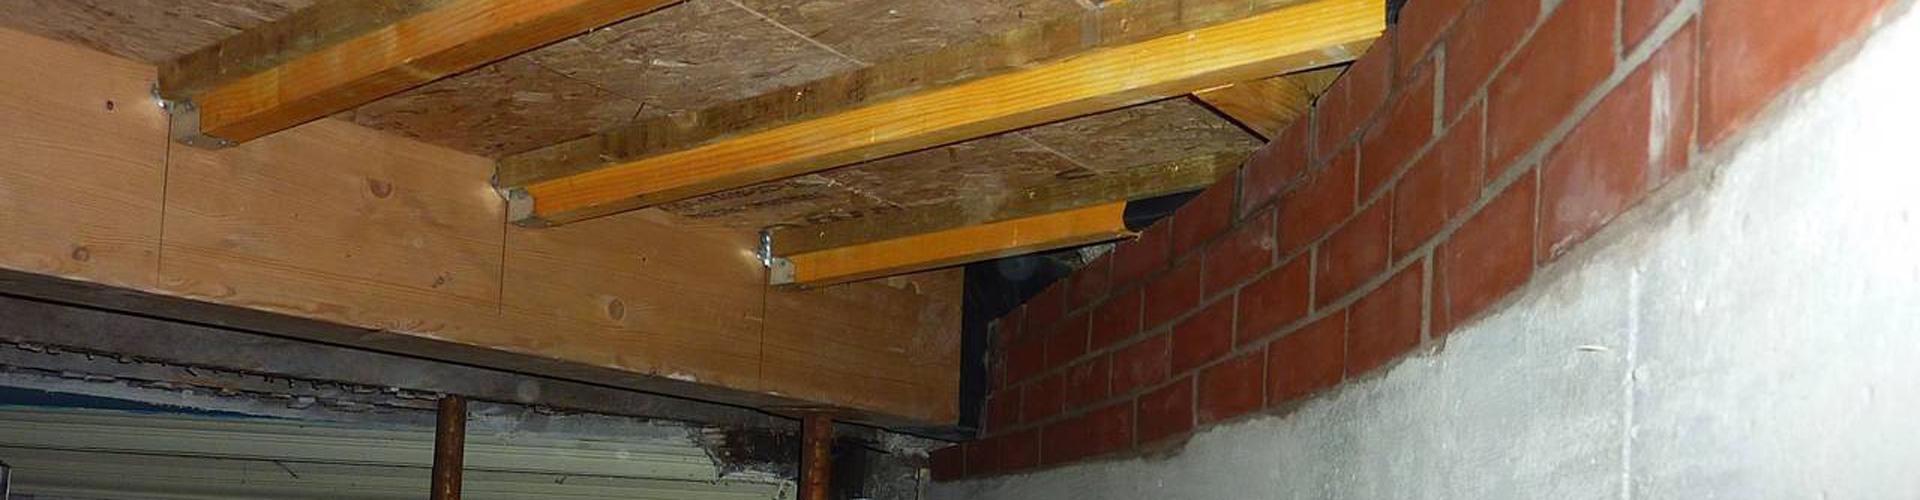 Rotten Wood Treatment Glasgow Eradakil Ltd